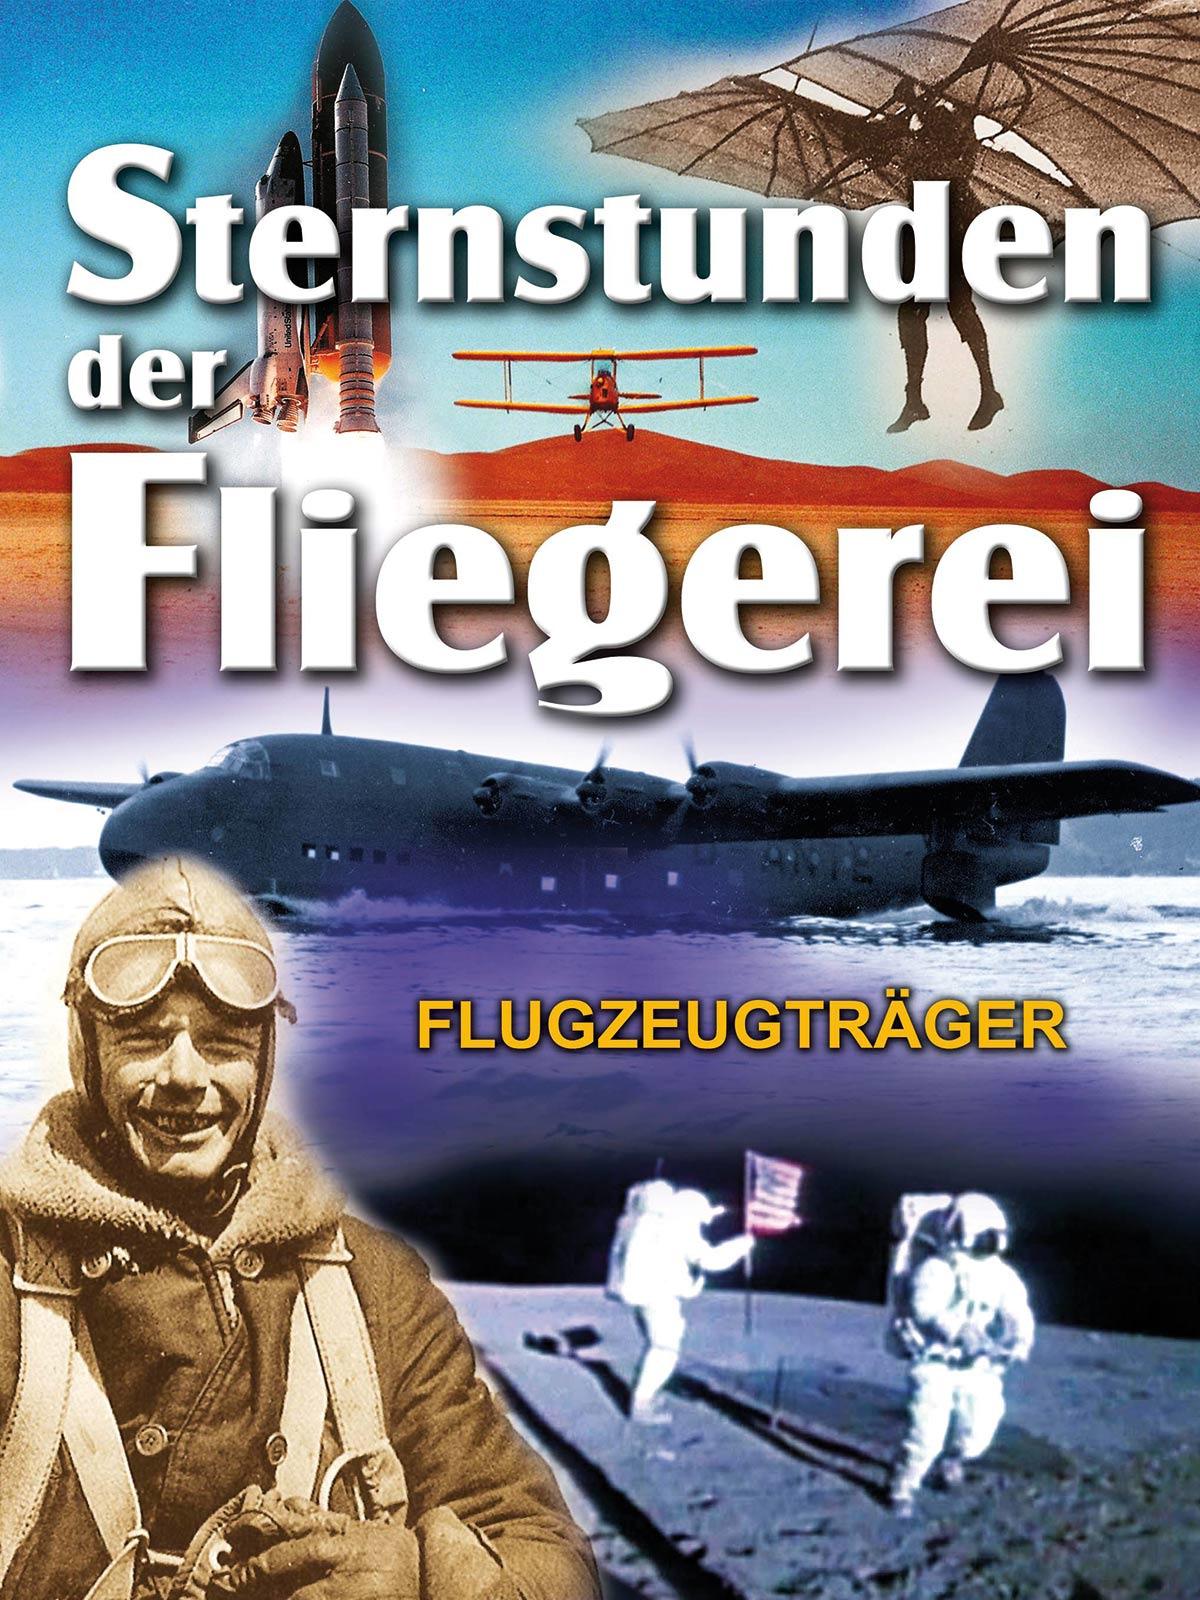 Sternstunden der Fliegerei - Flugzeugträger